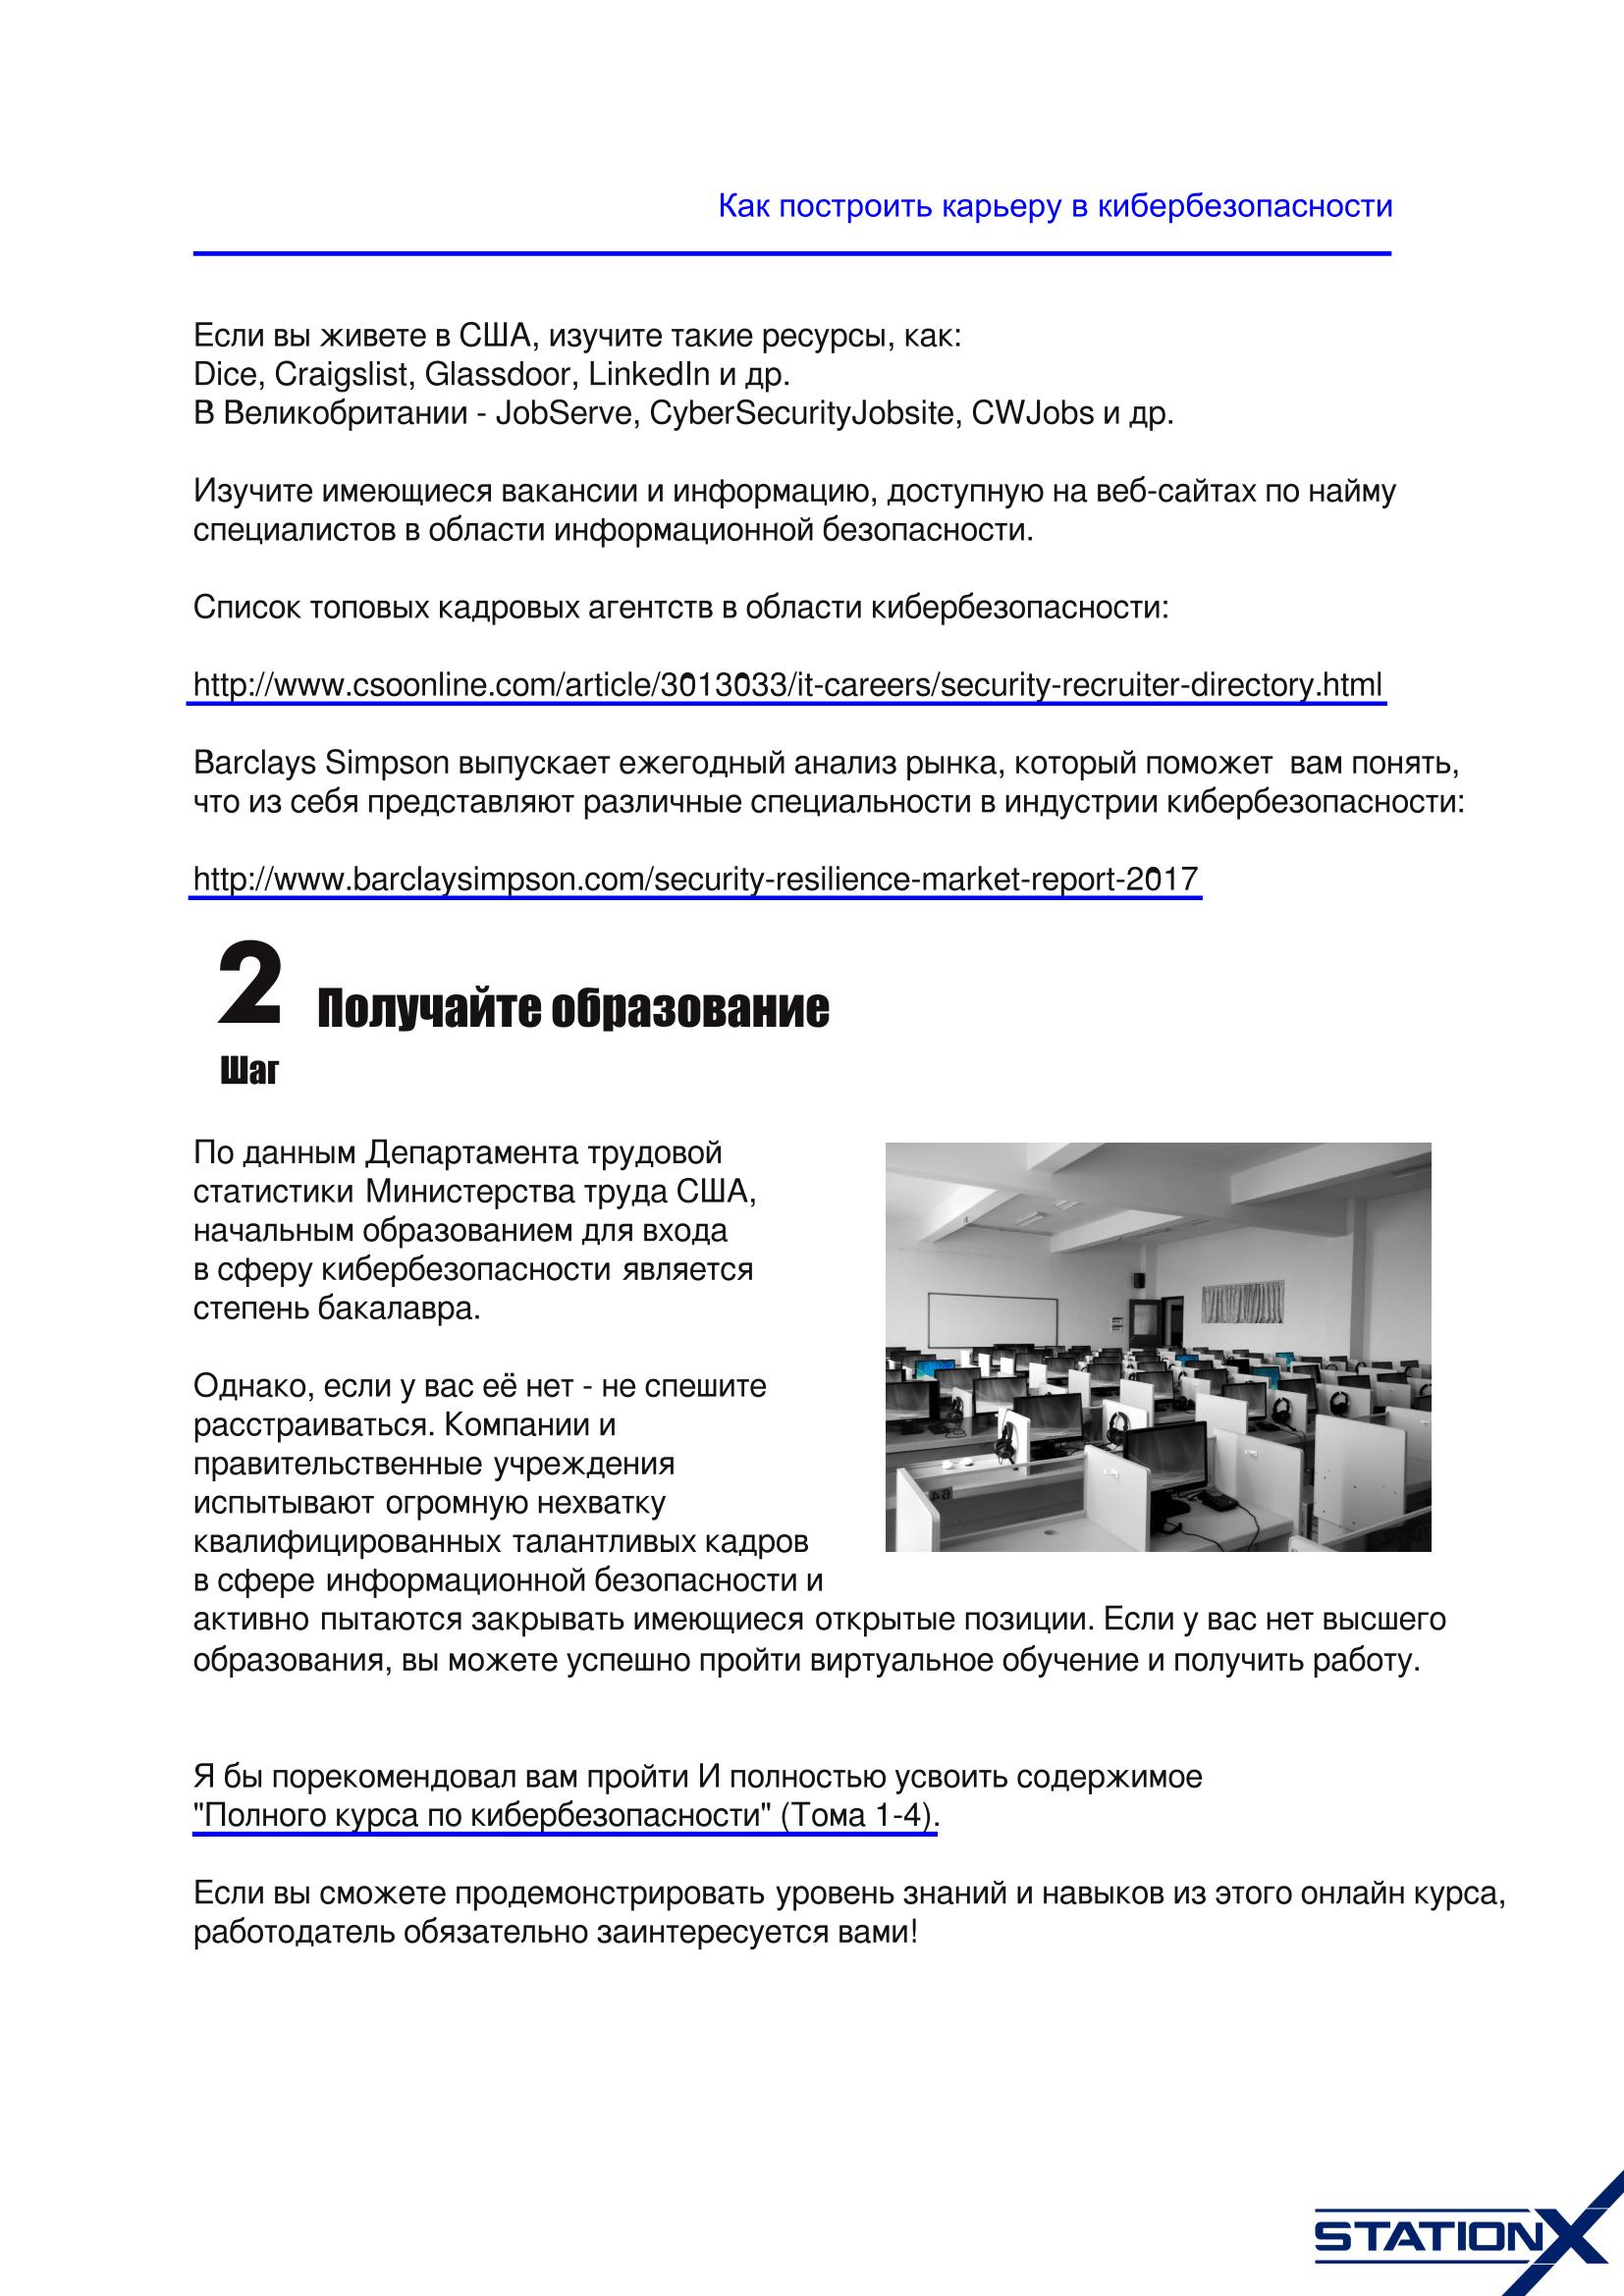 Как_построить_карьеру_в_кибербезопасности-2.png